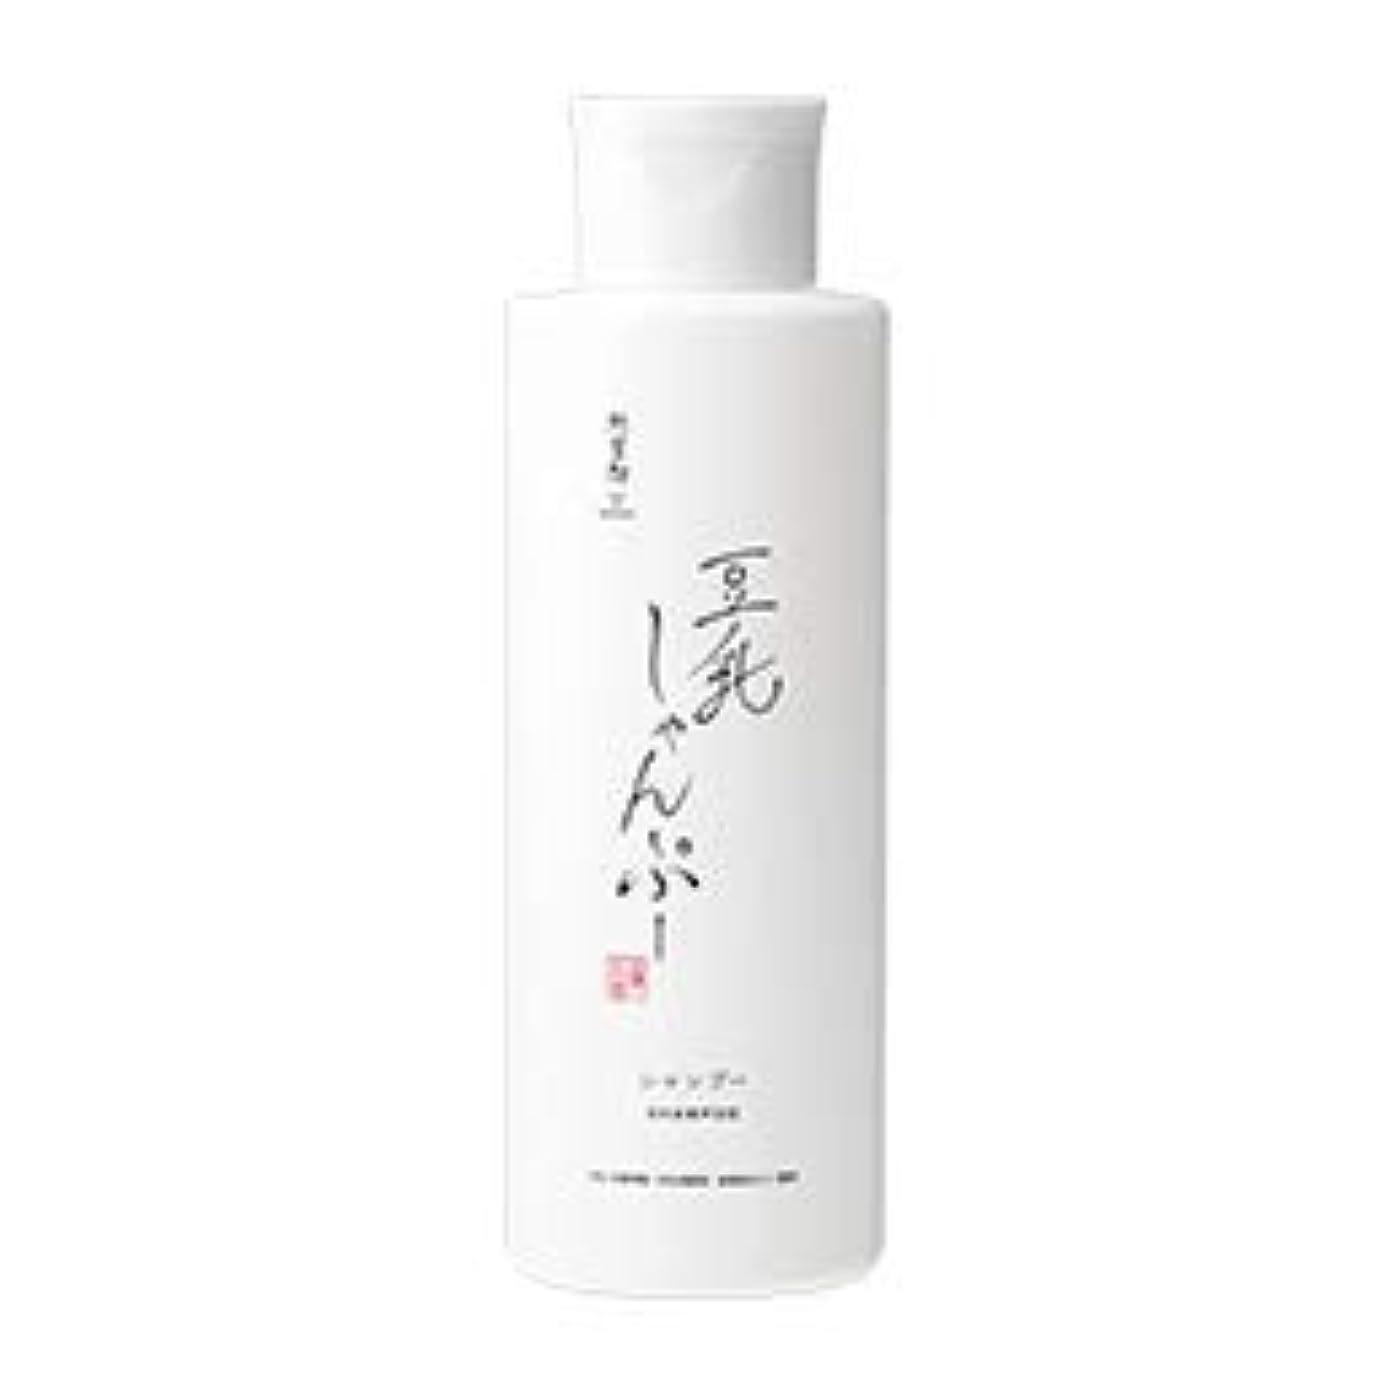 集中的なカウンタ収縮豆腐の盛田屋 豆乳しゃんぷー 自然生活 300mL